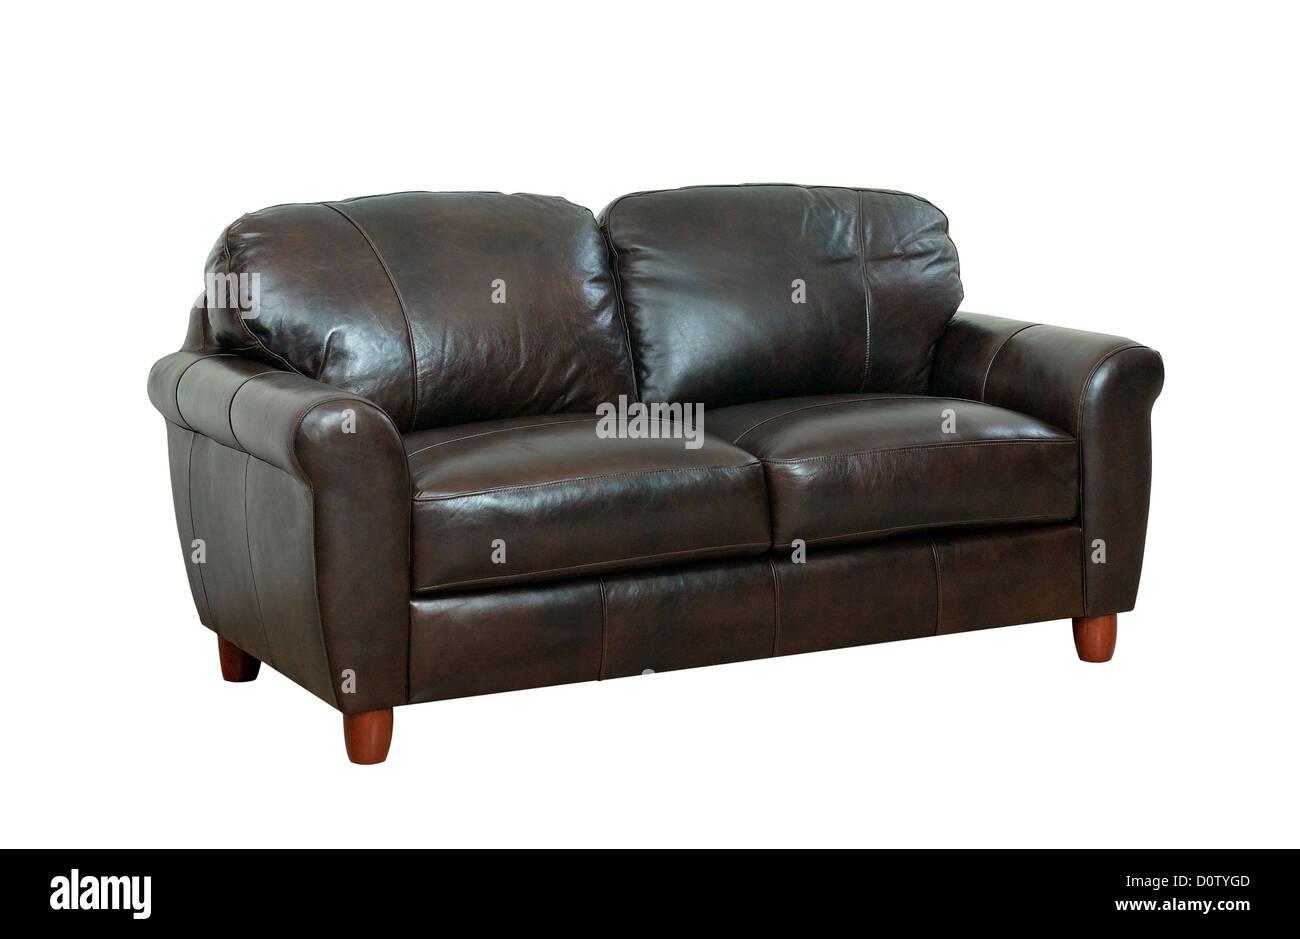 Lussuoso del colore marrone scuro con un divano in pelle per il migliore hotel di lusso o case Immagini Stock